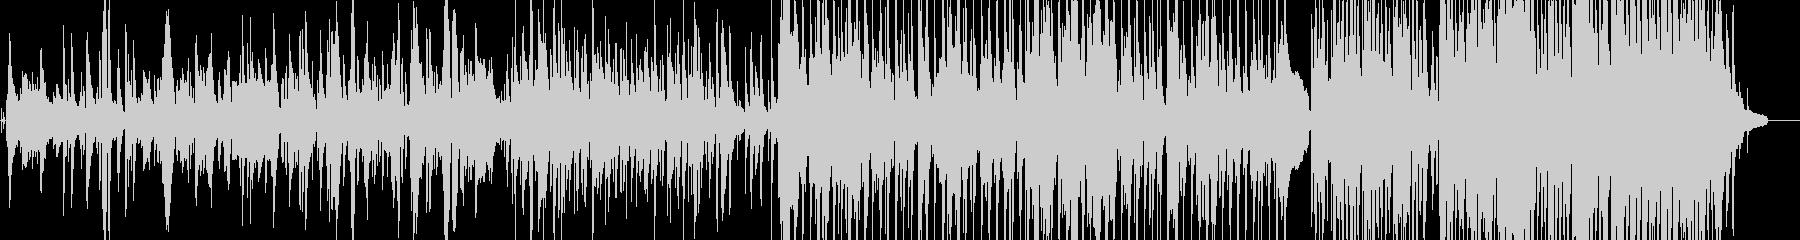 jazzyな女性ボーカル物の未再生の波形